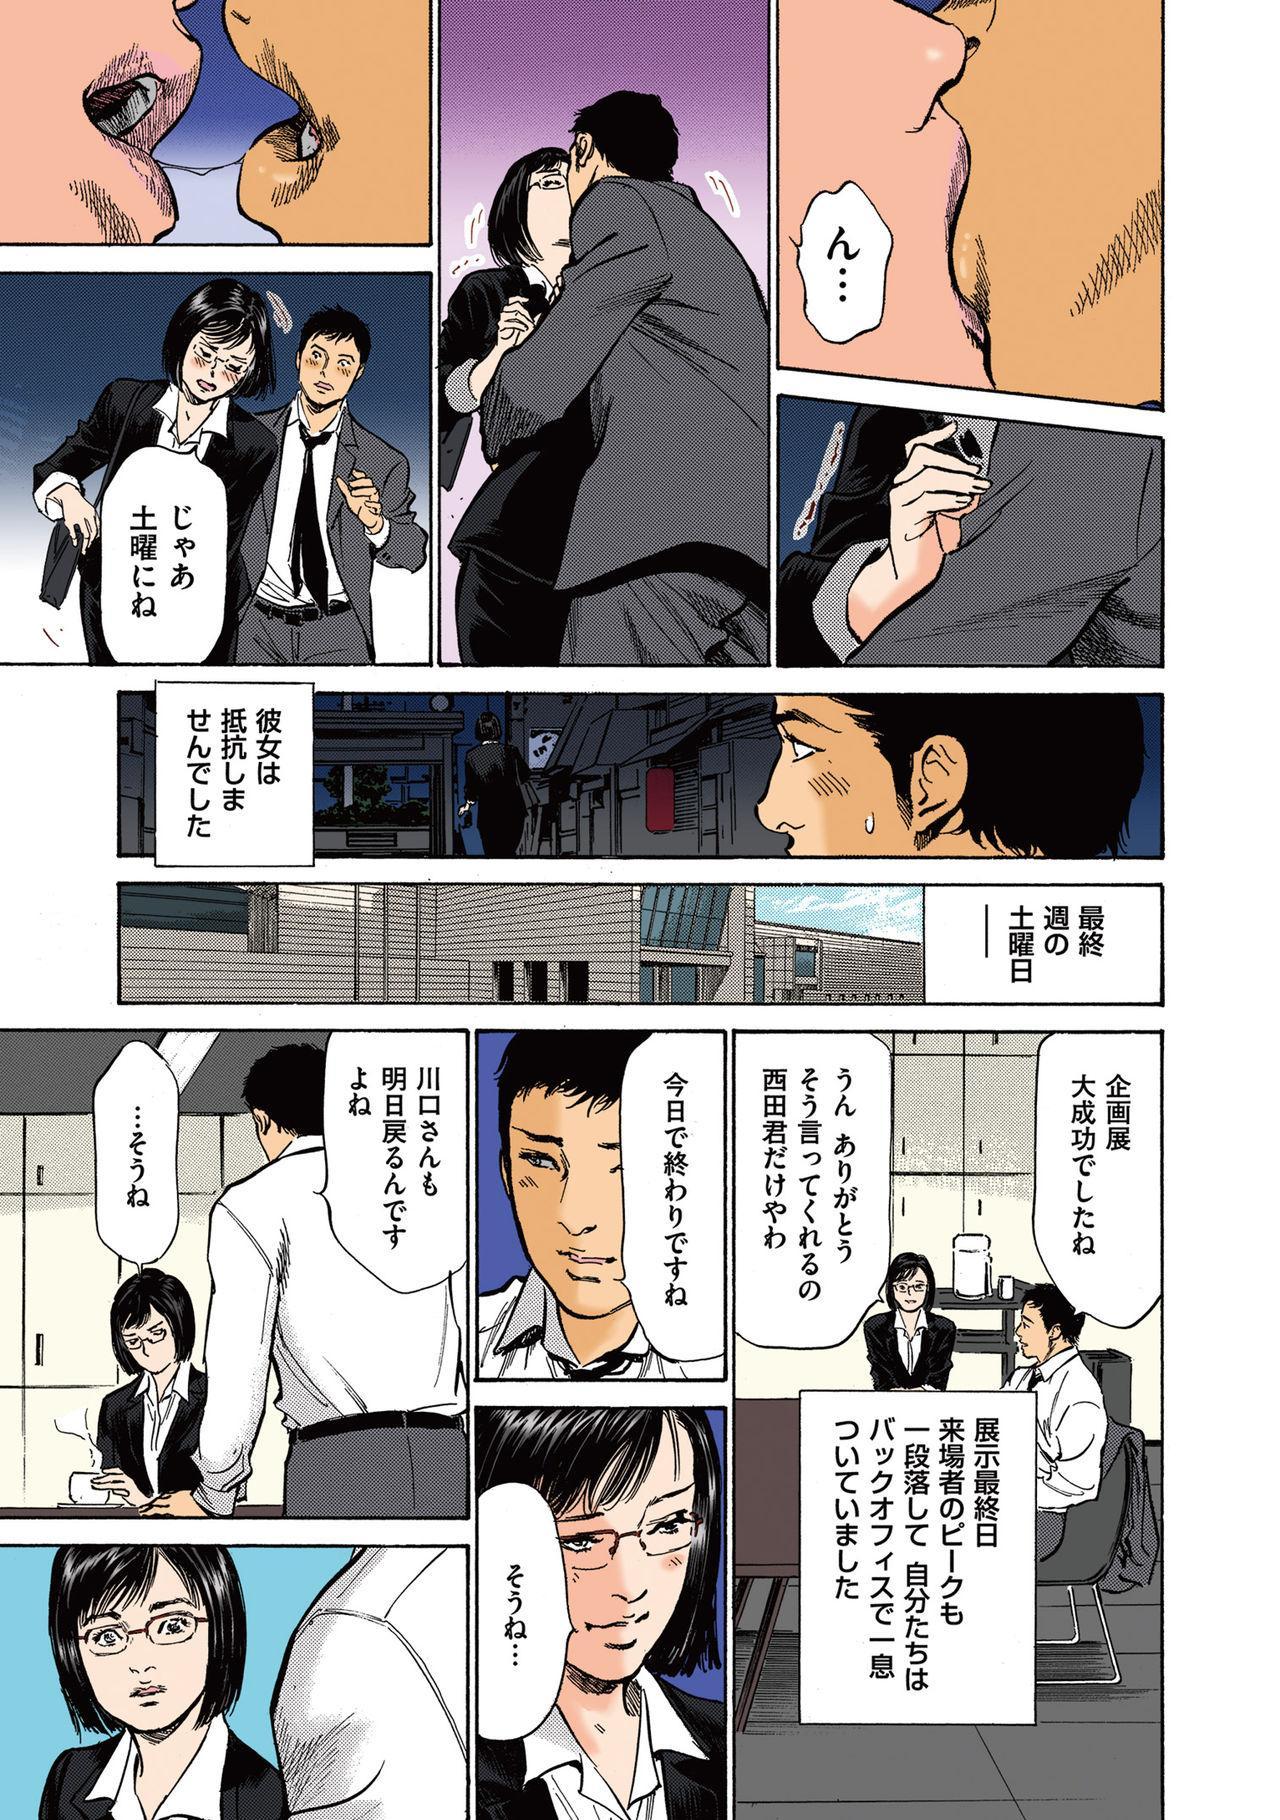 [Hazuki Kaoru] Hazuki Kaoru no Tamaranai Hanashi (Full Color Version) 2-1 58